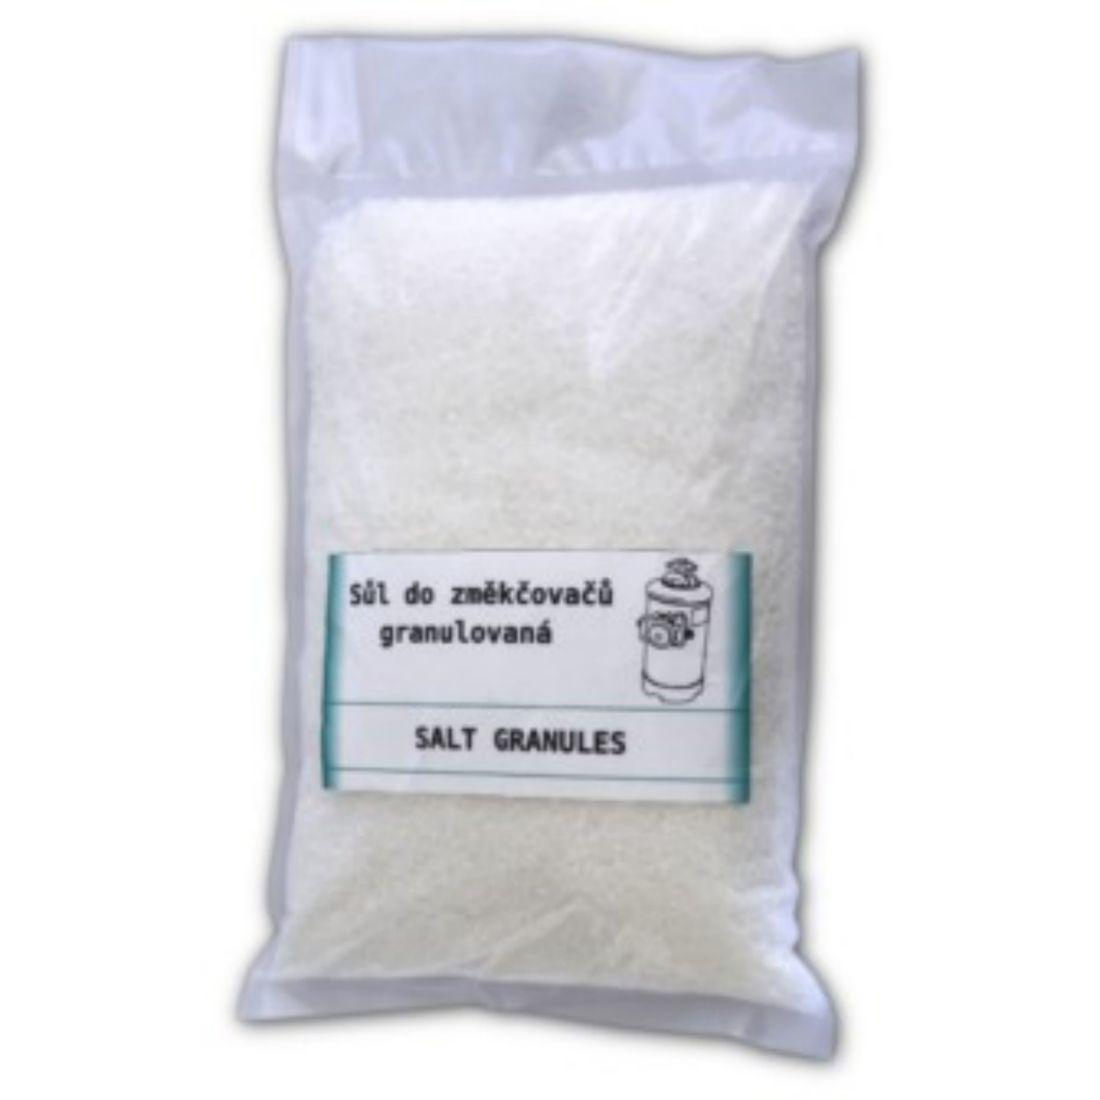 UWIS salt granules 3 kg